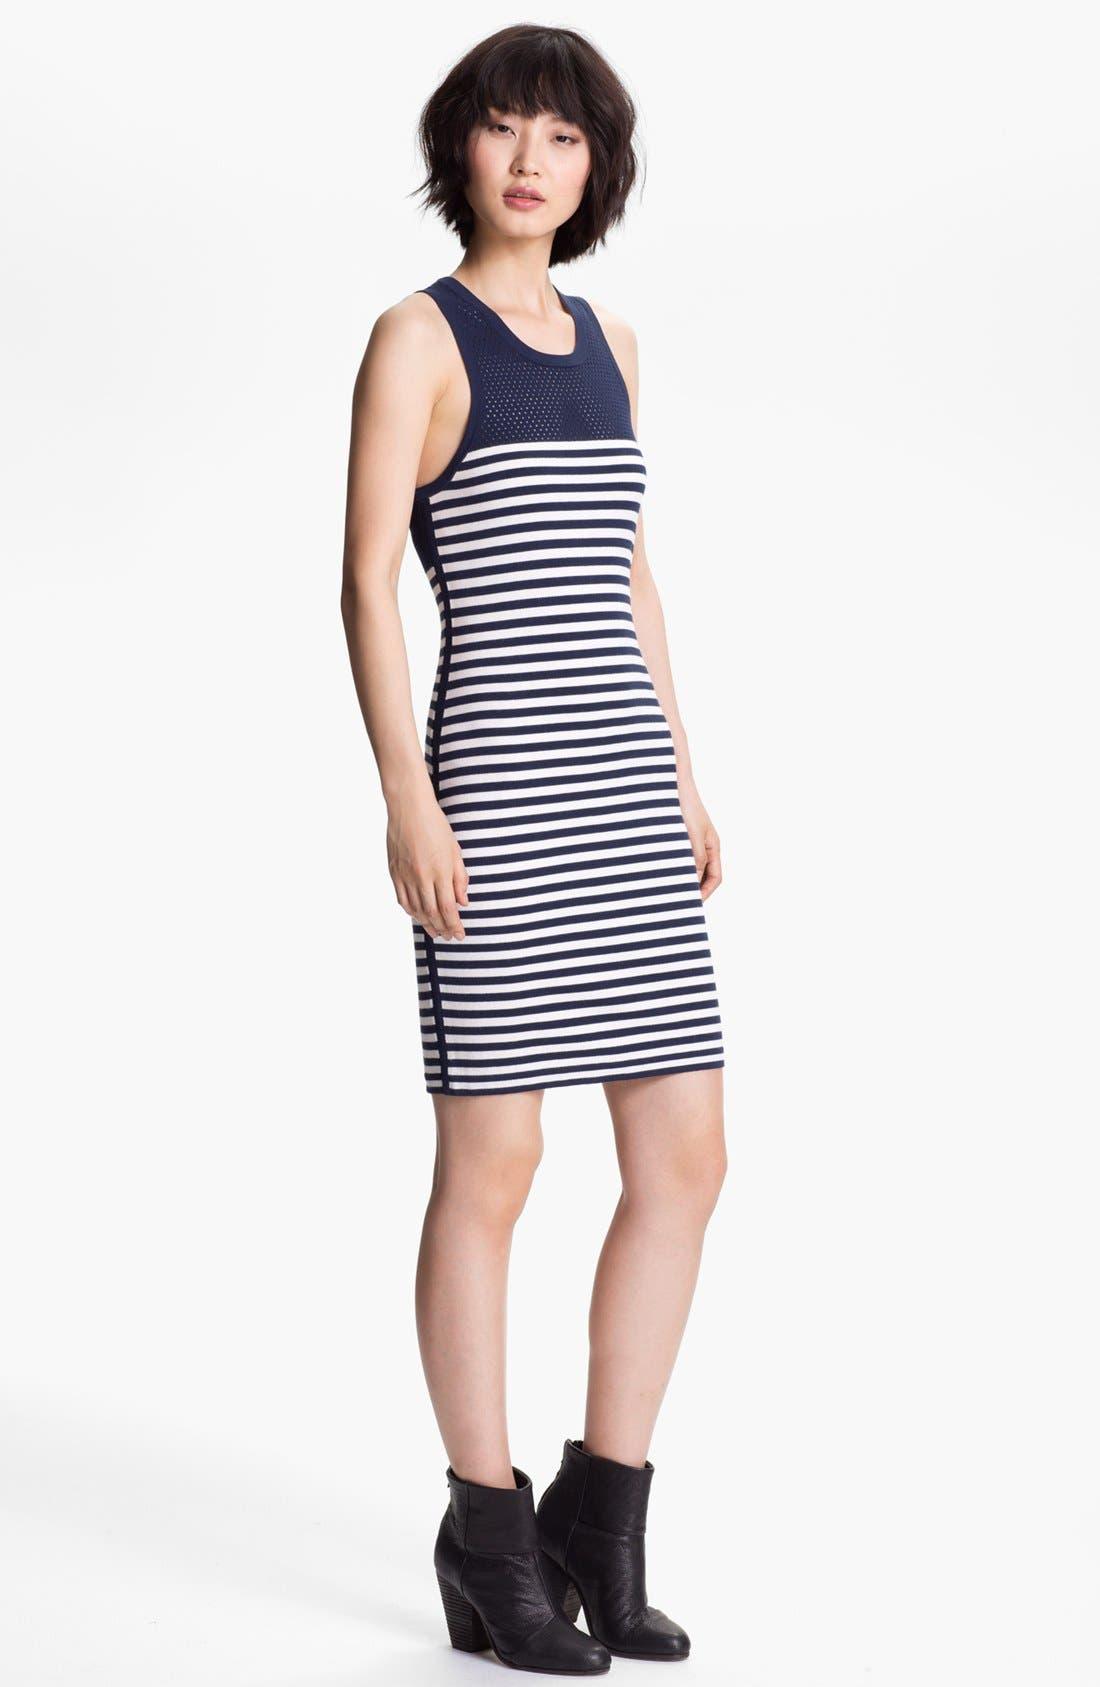 Alternate Image 1 Selected - rag & bone 'Giselle' Stripe Dress